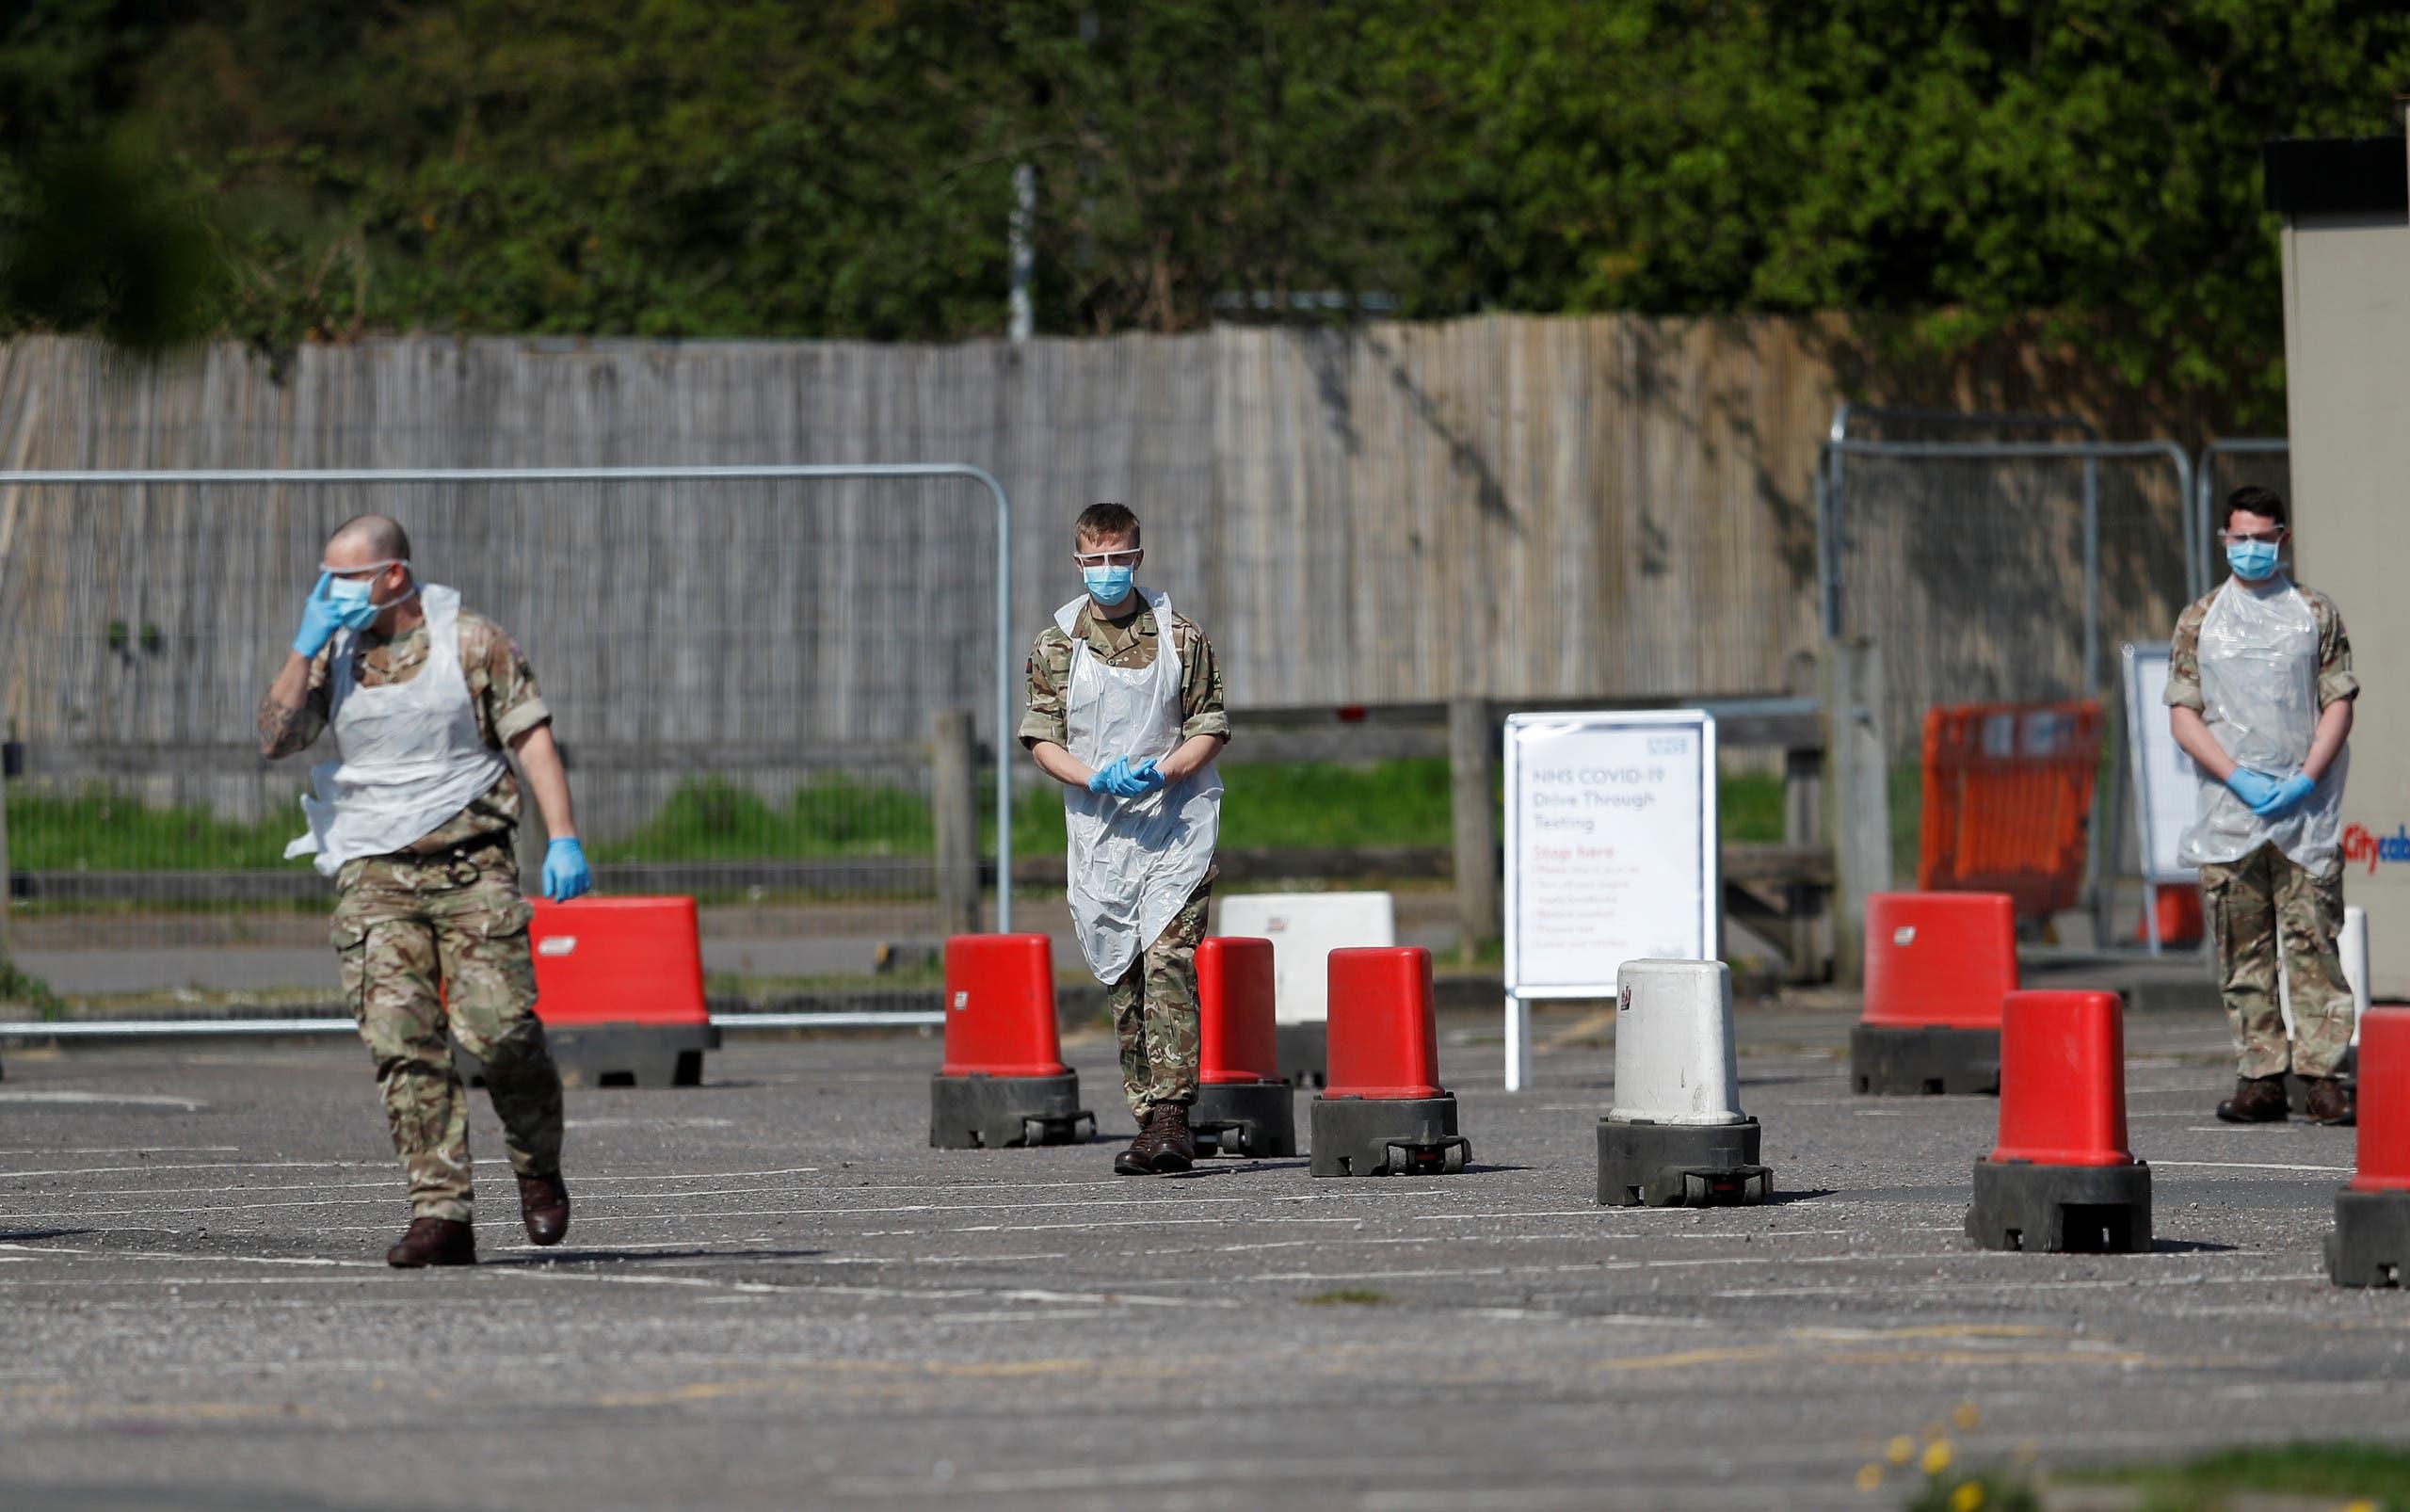 عسكريون أمام مركز استحدث بلندن للخضوع لفحص كورونا